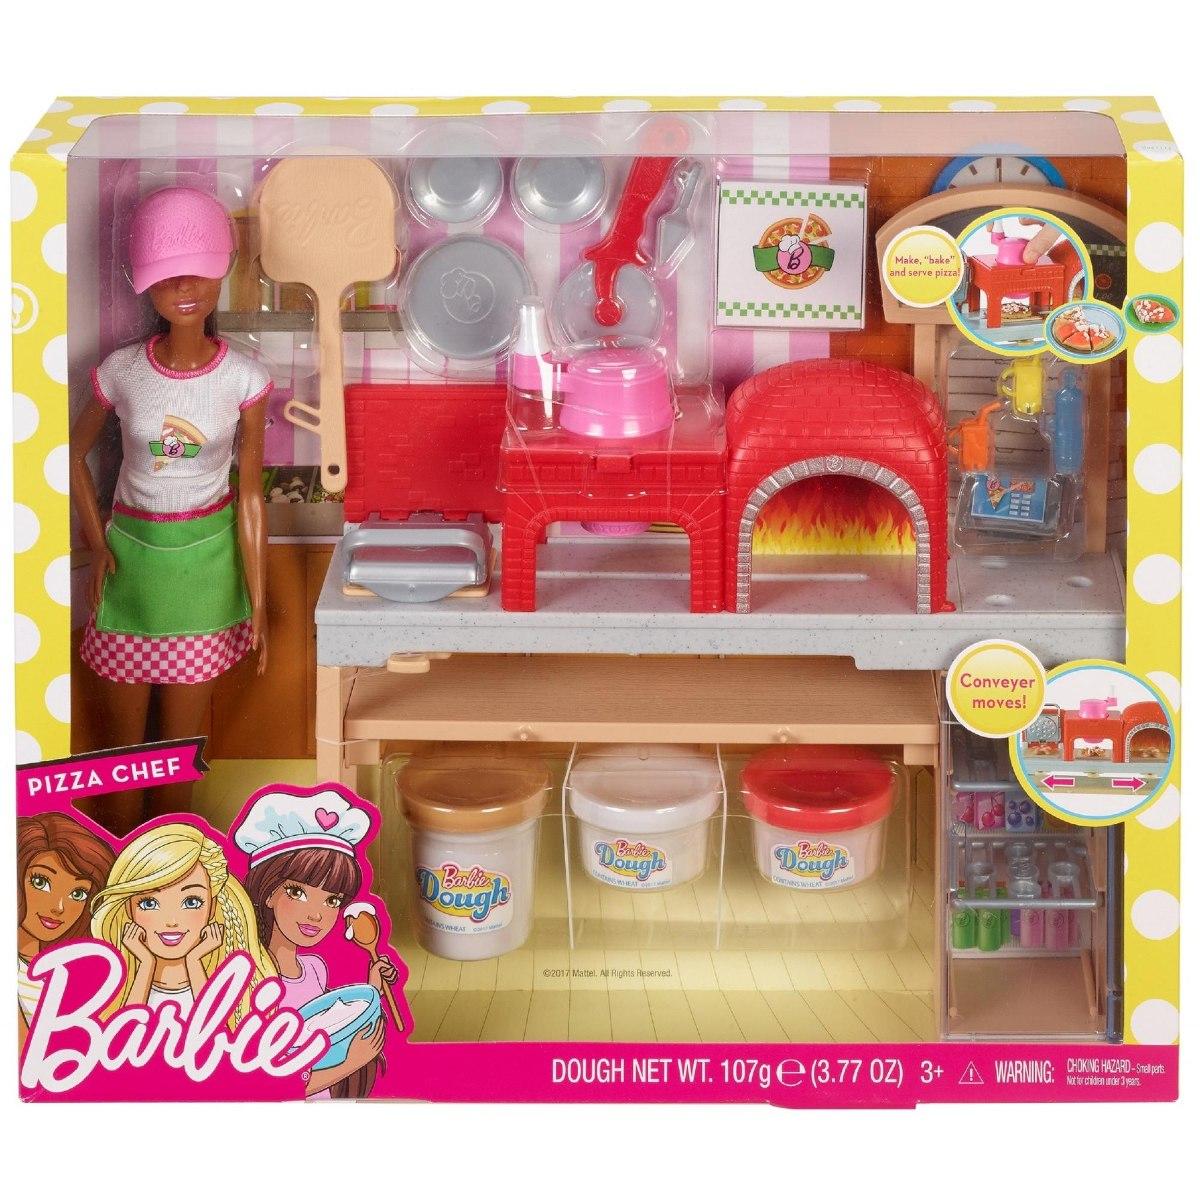 Pizza Juegos De Barbie Cocina Www Miifotos Com